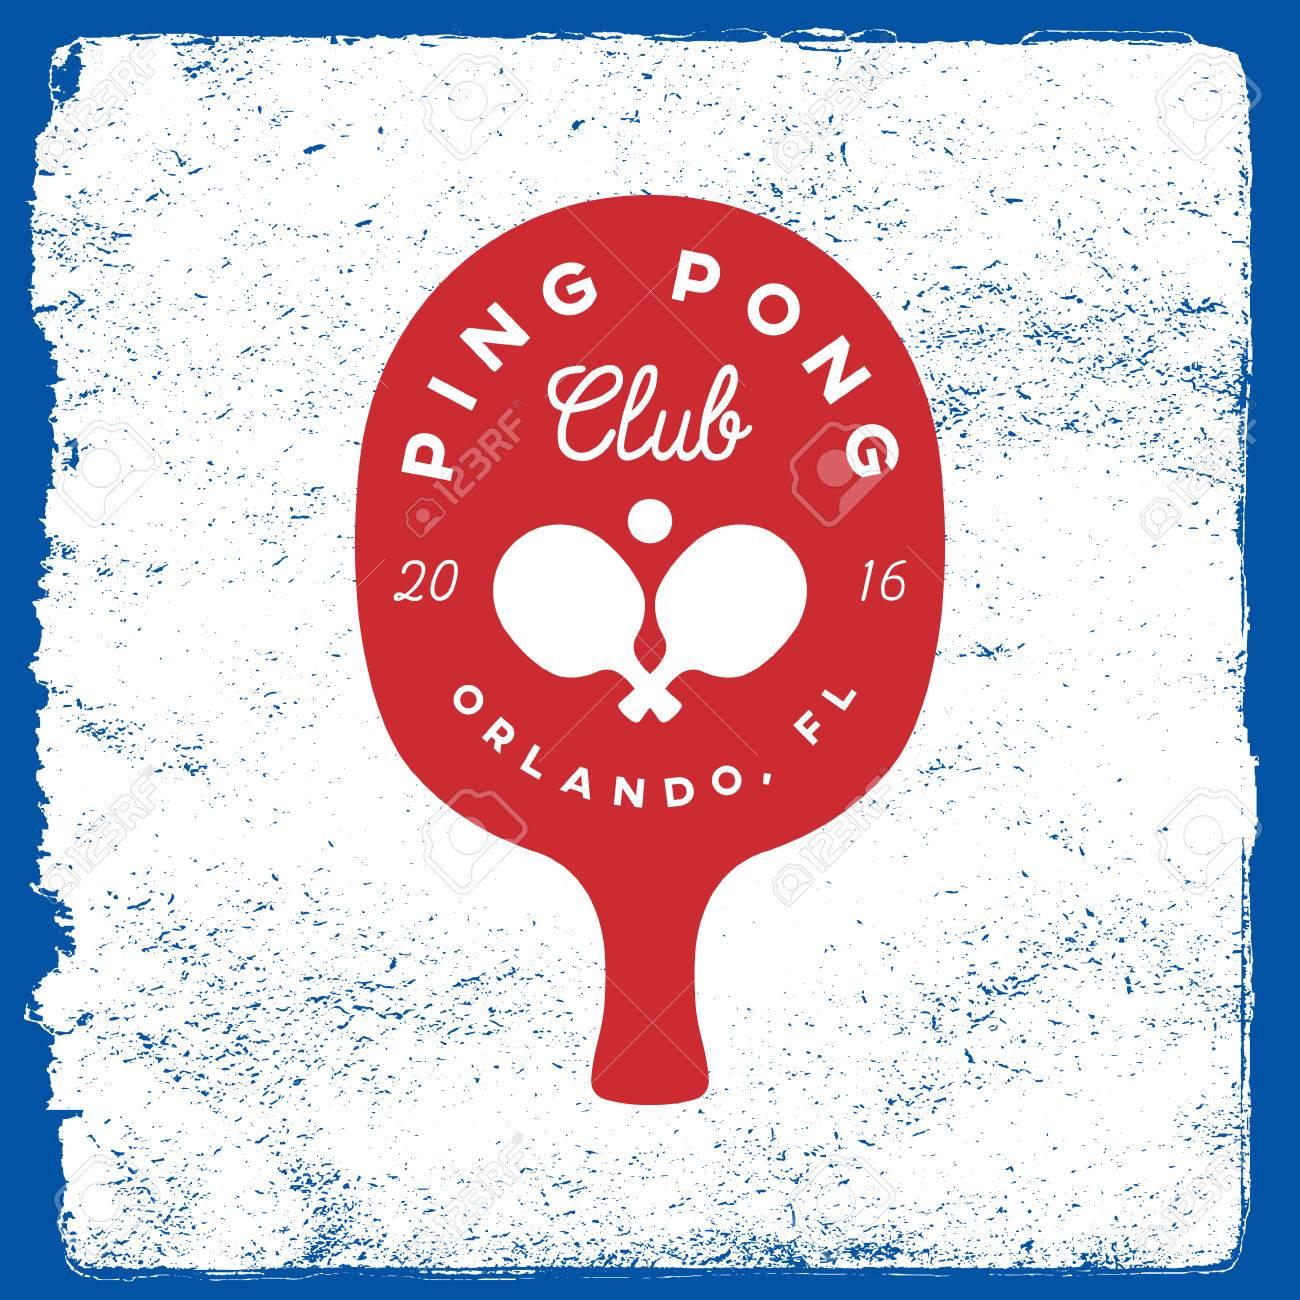 Emblema Del Ping-pong. Plantilla De Logotipo De Tenis De Mesa En El ...